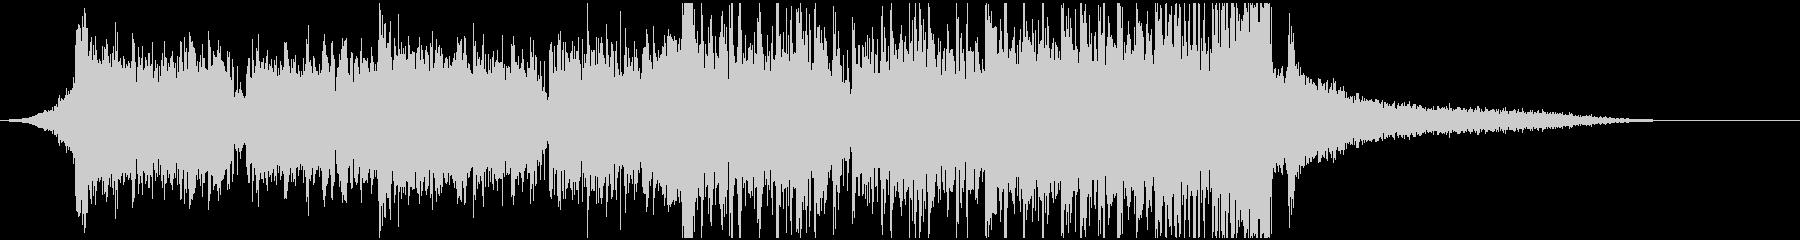 短めなドラムンベースのジングルの未再生の波形